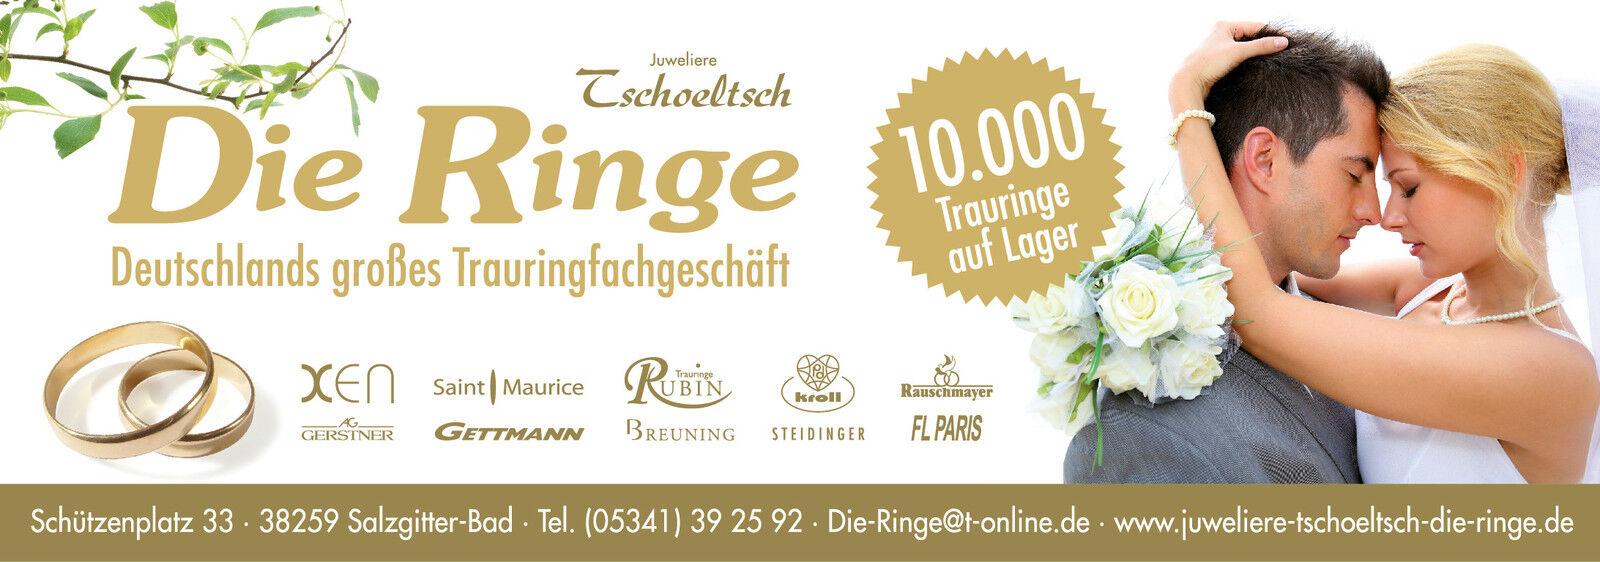 die_ringe-juweliere tschoeltsch